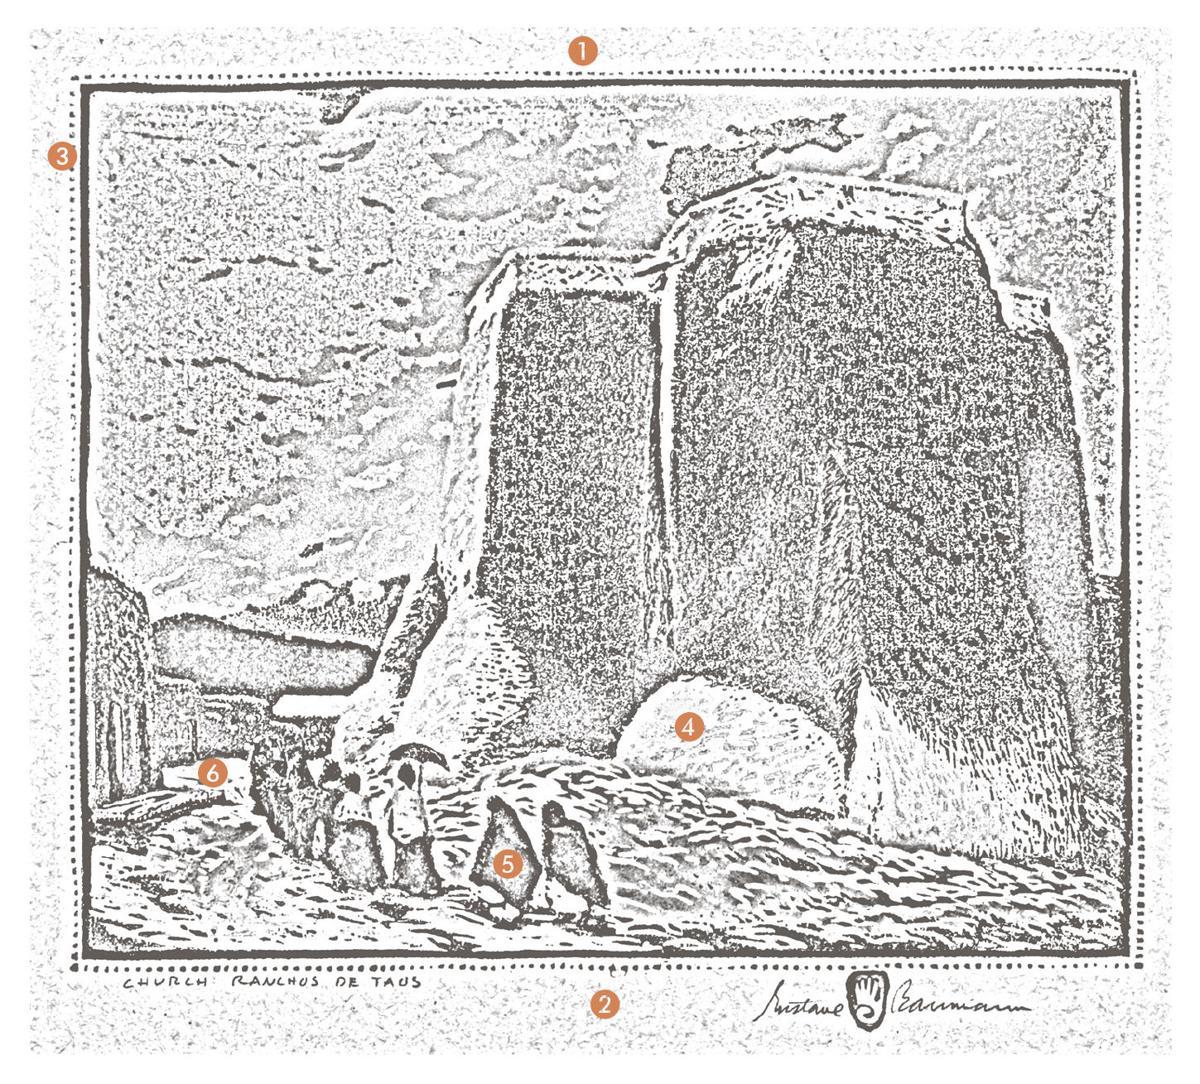 """Anatomy of a print: Gustave Baumann's """"Church Ranchos de Taos"""""""